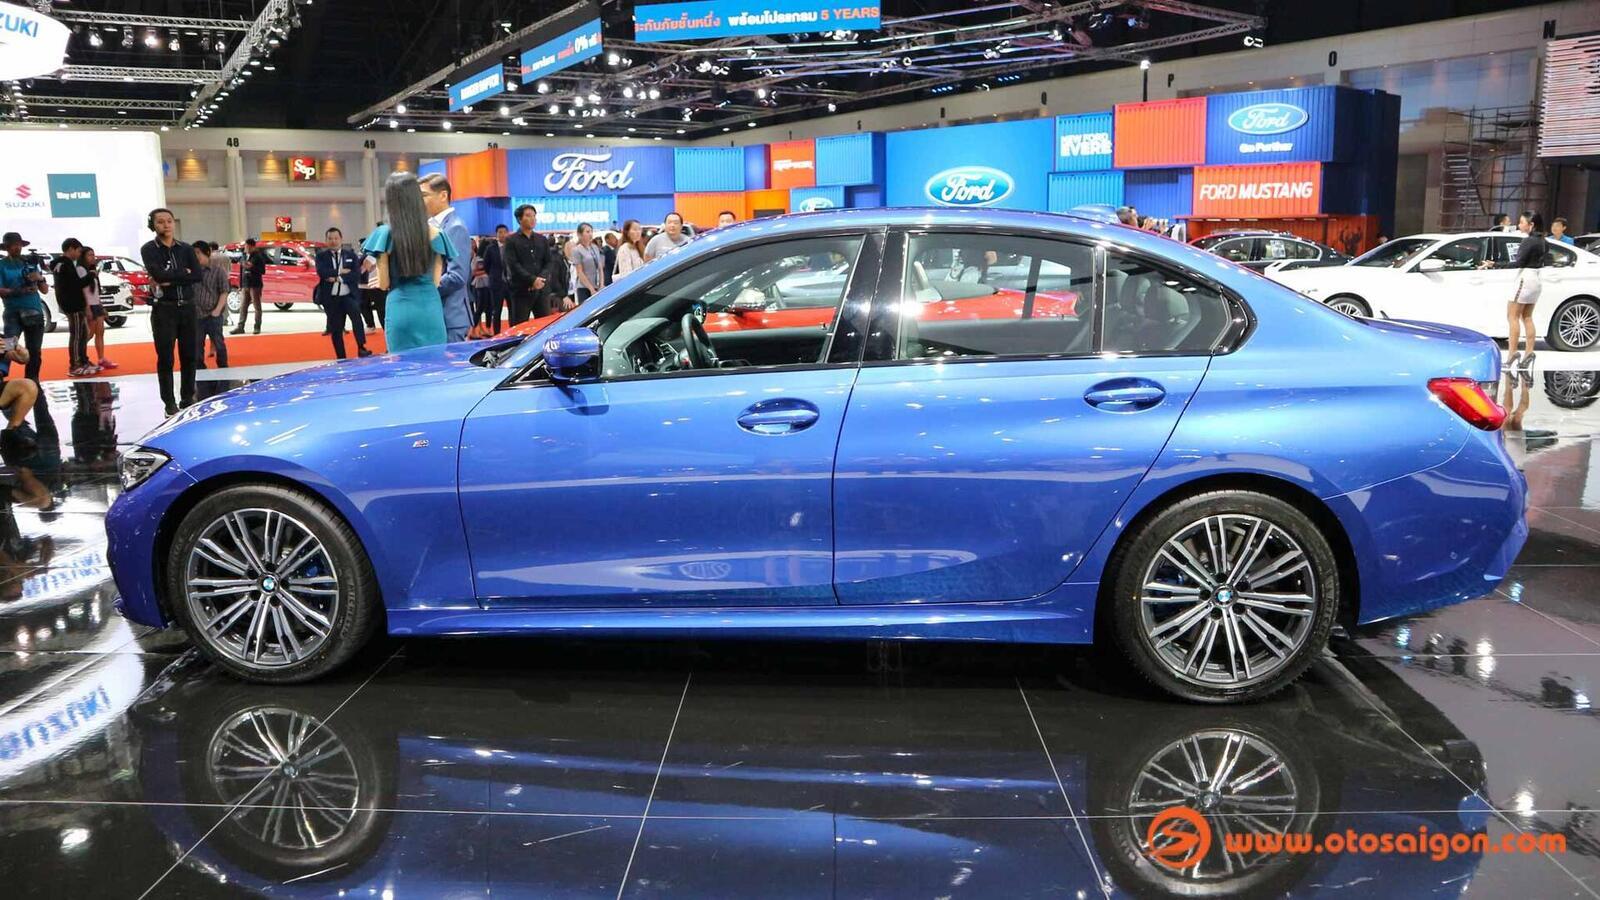 BMW 3 Series mới tại Thái Lan có giá bán từ 2,1 đến 2,4 tỷ đồng - Hình 2